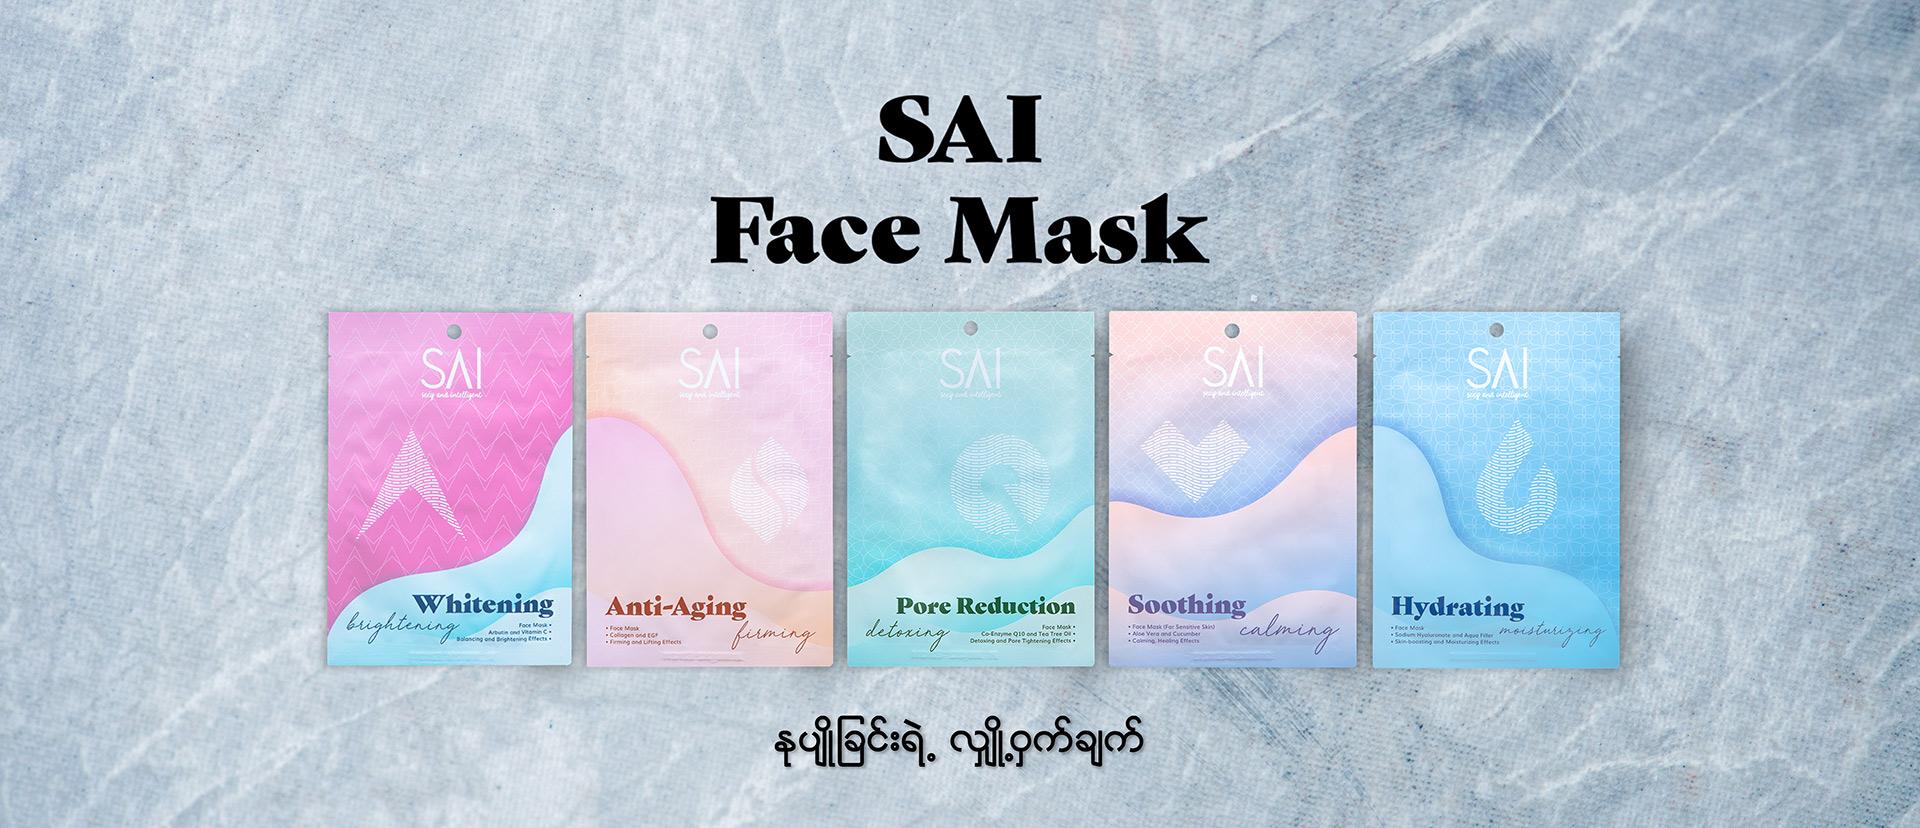 SAI cosmetix